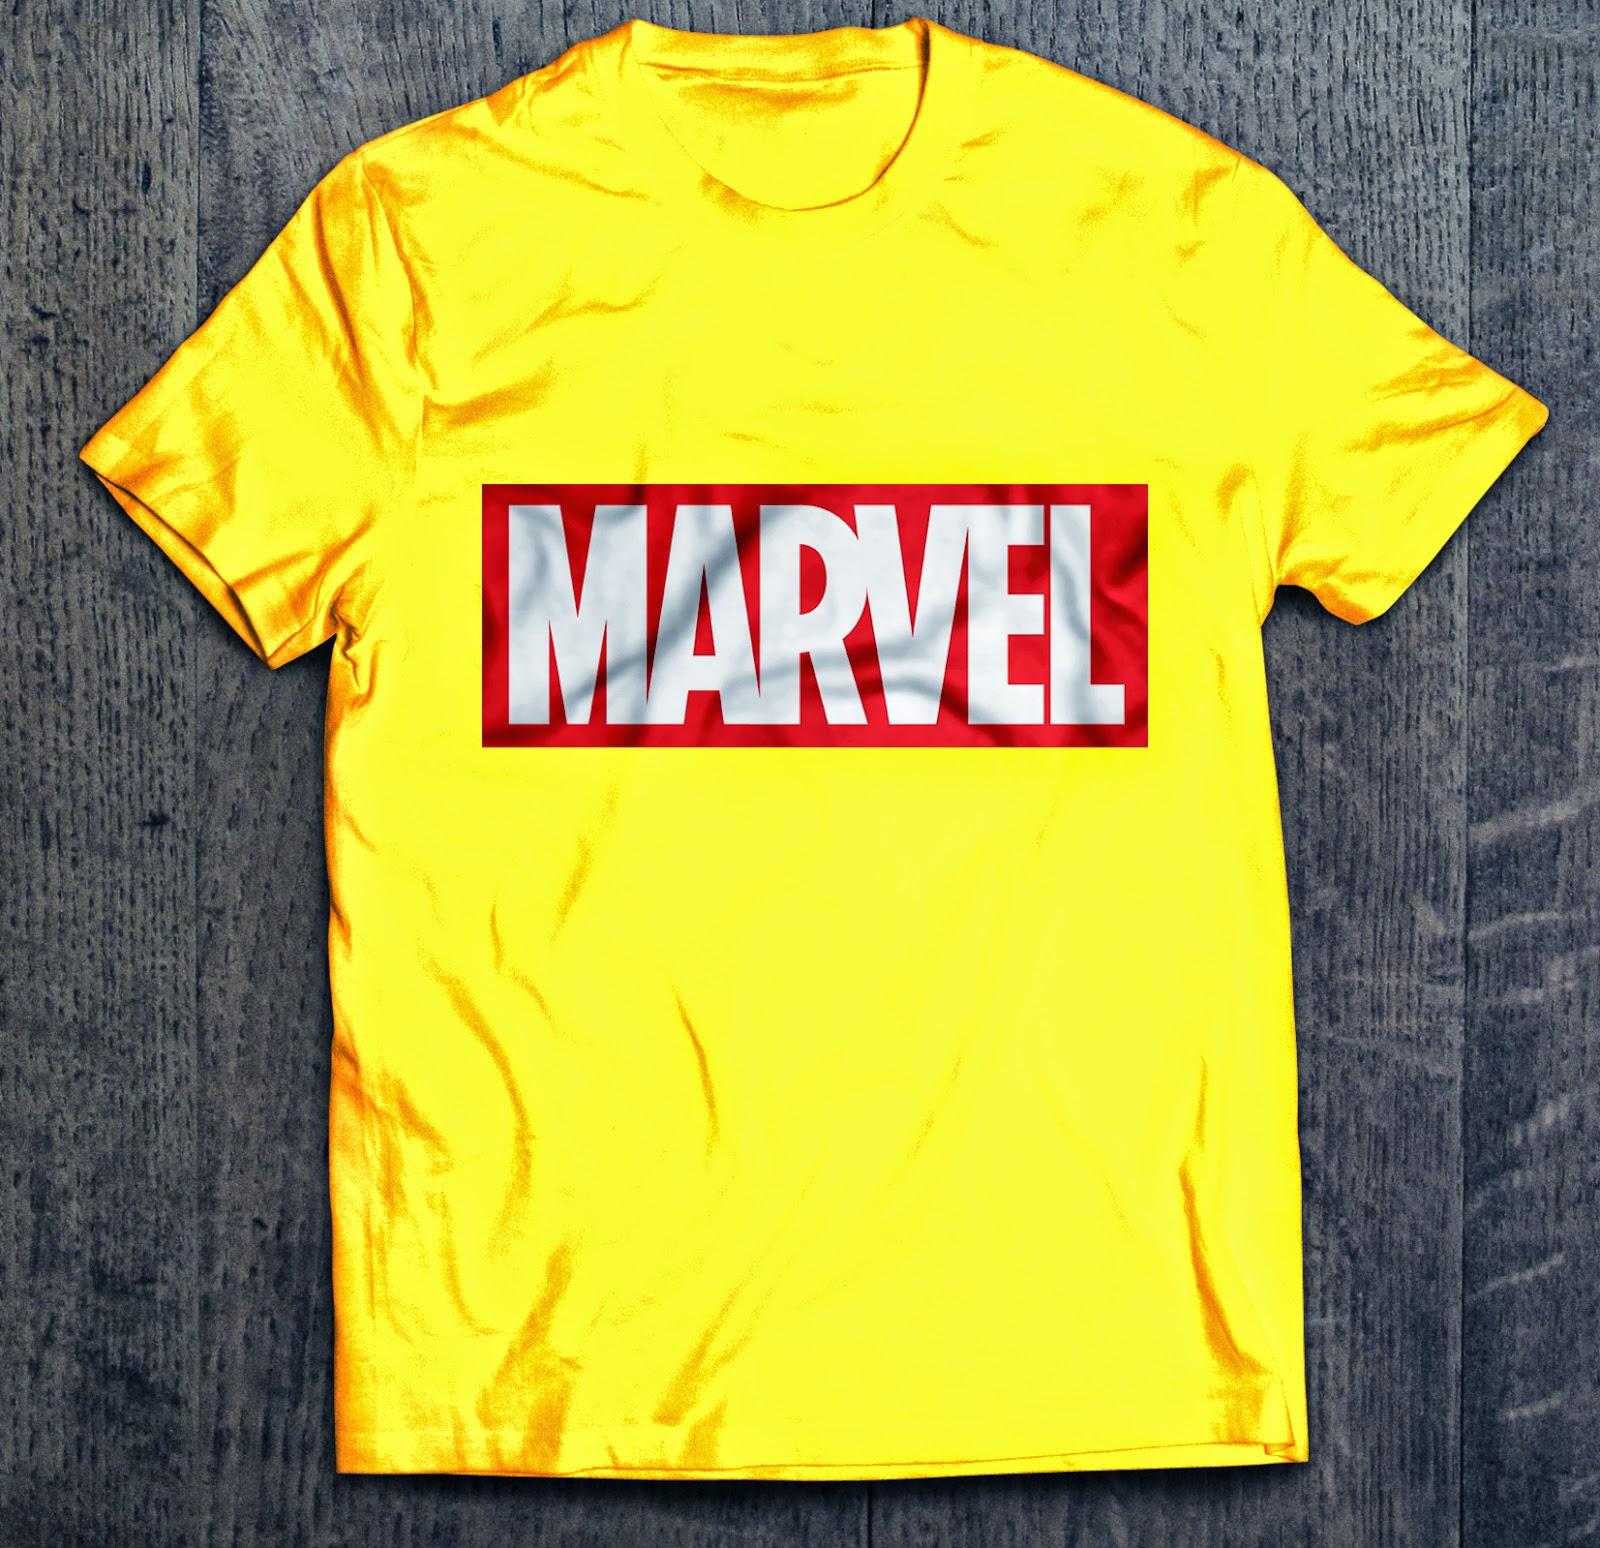 любят заказать футболку с логотипом цена пункт Владимирской